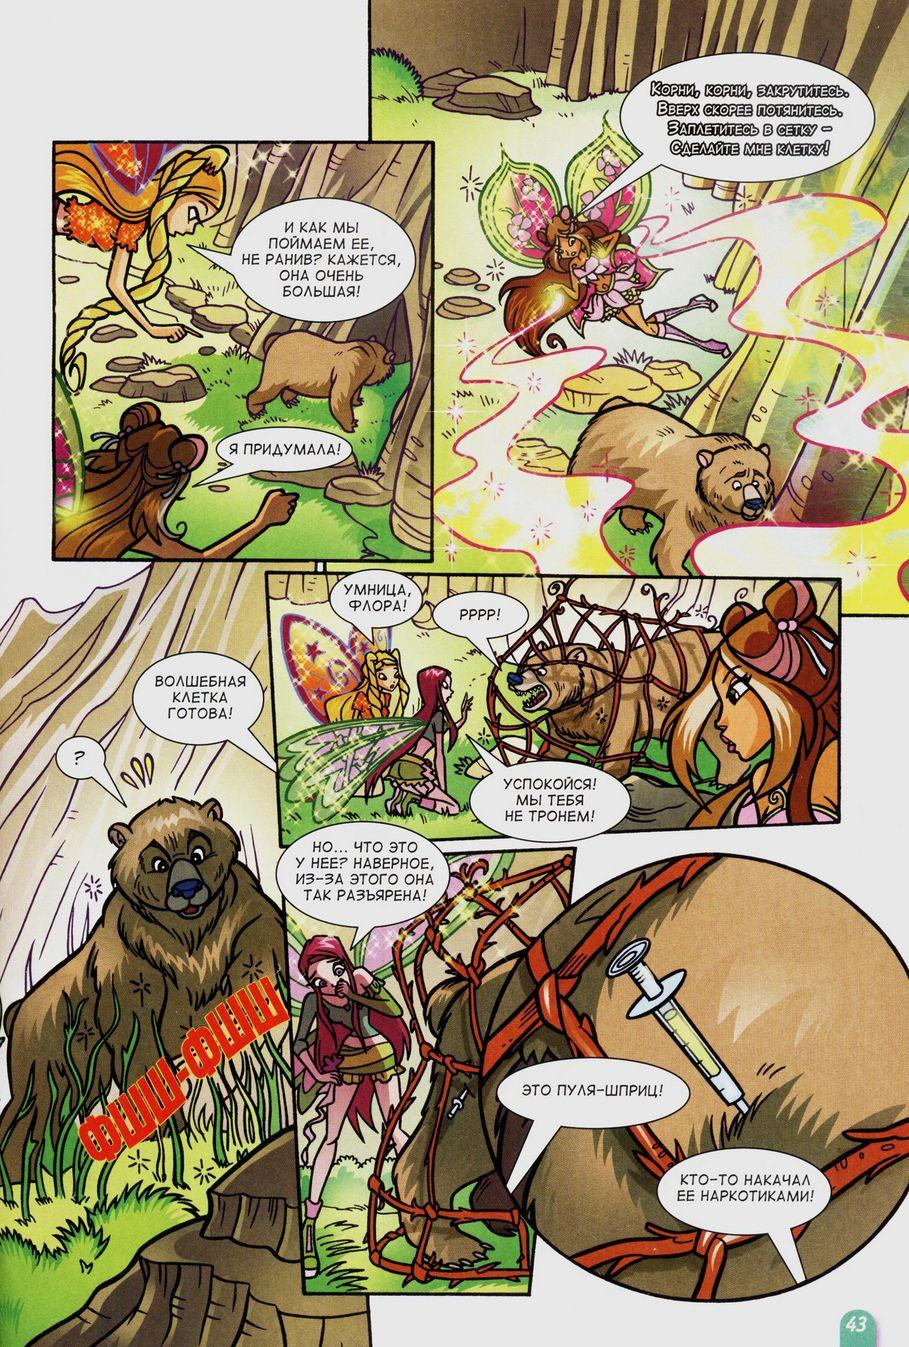 Комикс Винкс Winx - Надежда и разочарование (Журнал Винкс №5 2011) - стр. 43